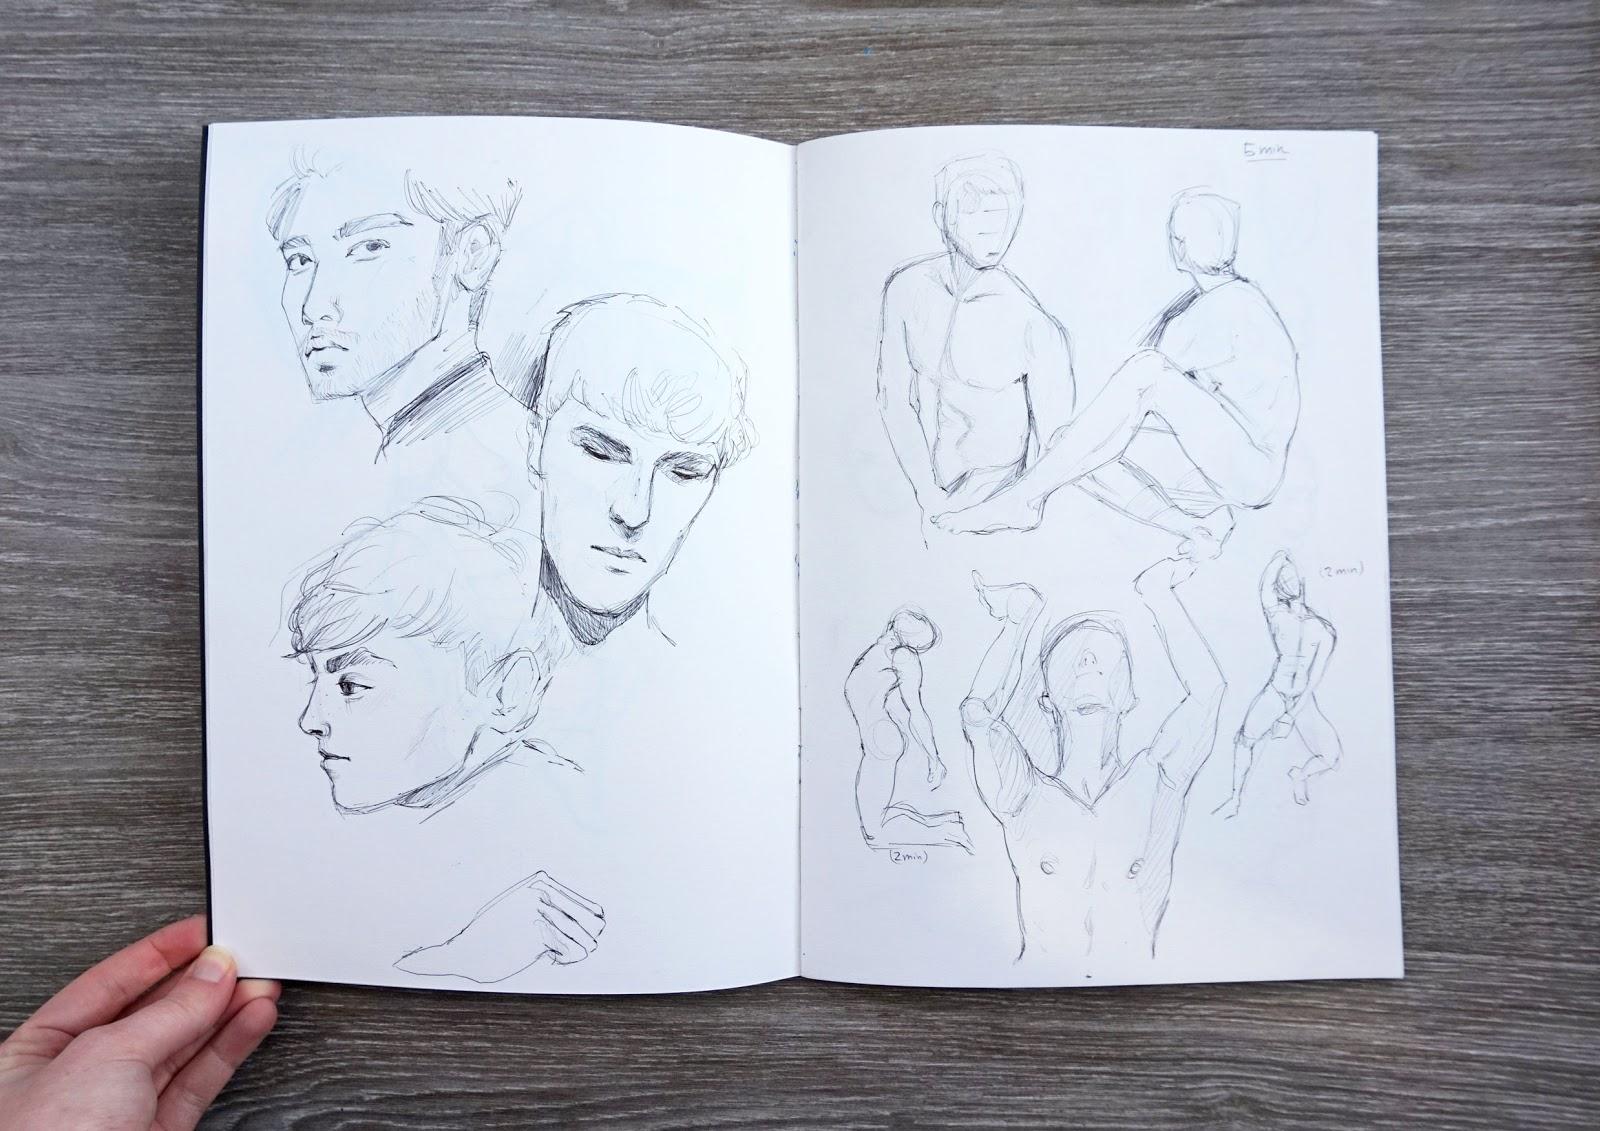 Papieraugen Zeichenblog – Skizzenbuch-Liebe & Kreativität